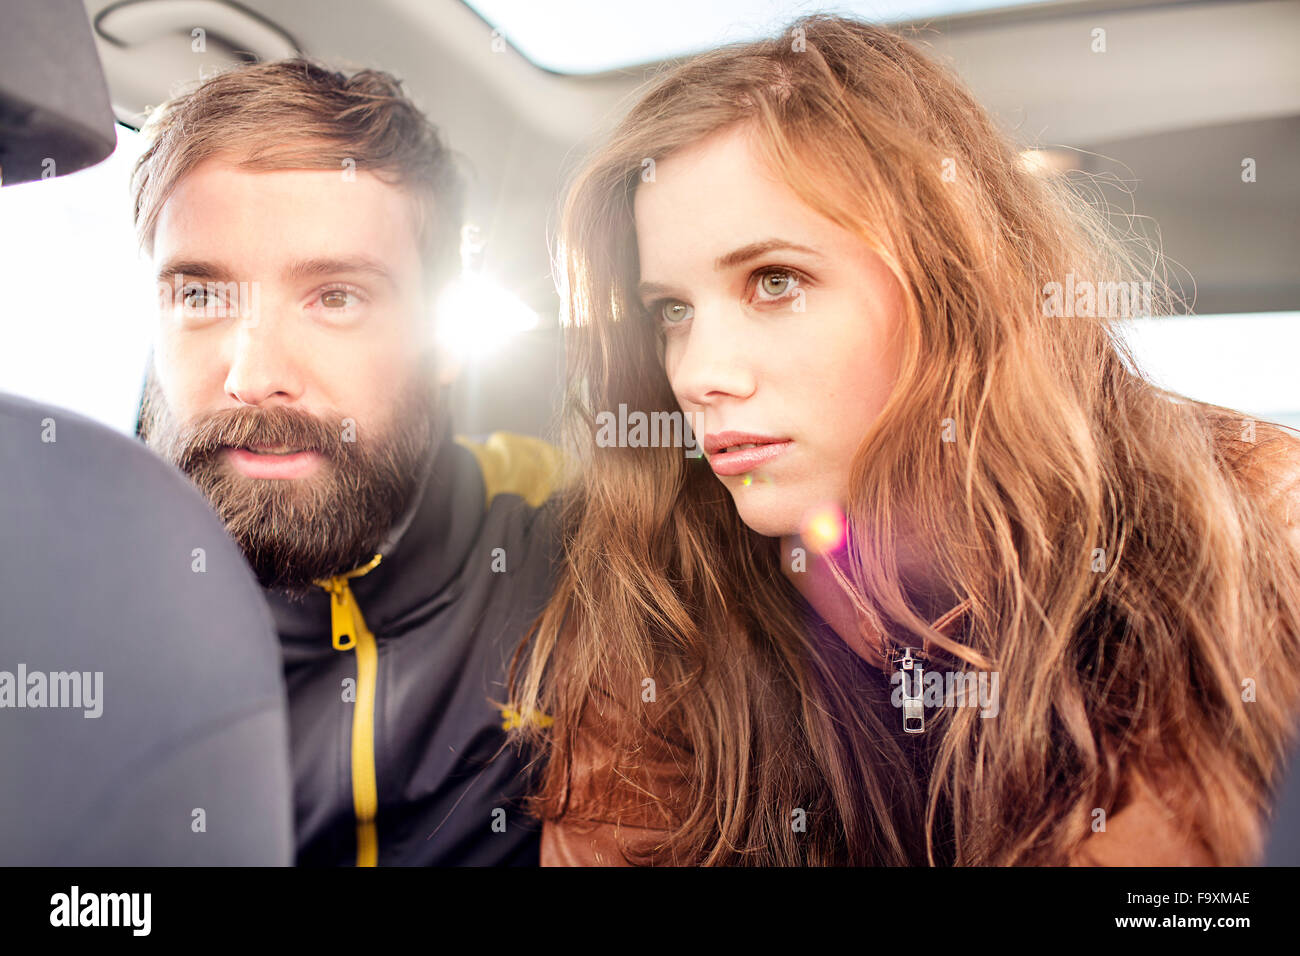 Paar auf dem Rücksitz eines Autos bei Gegenlicht Stockbild